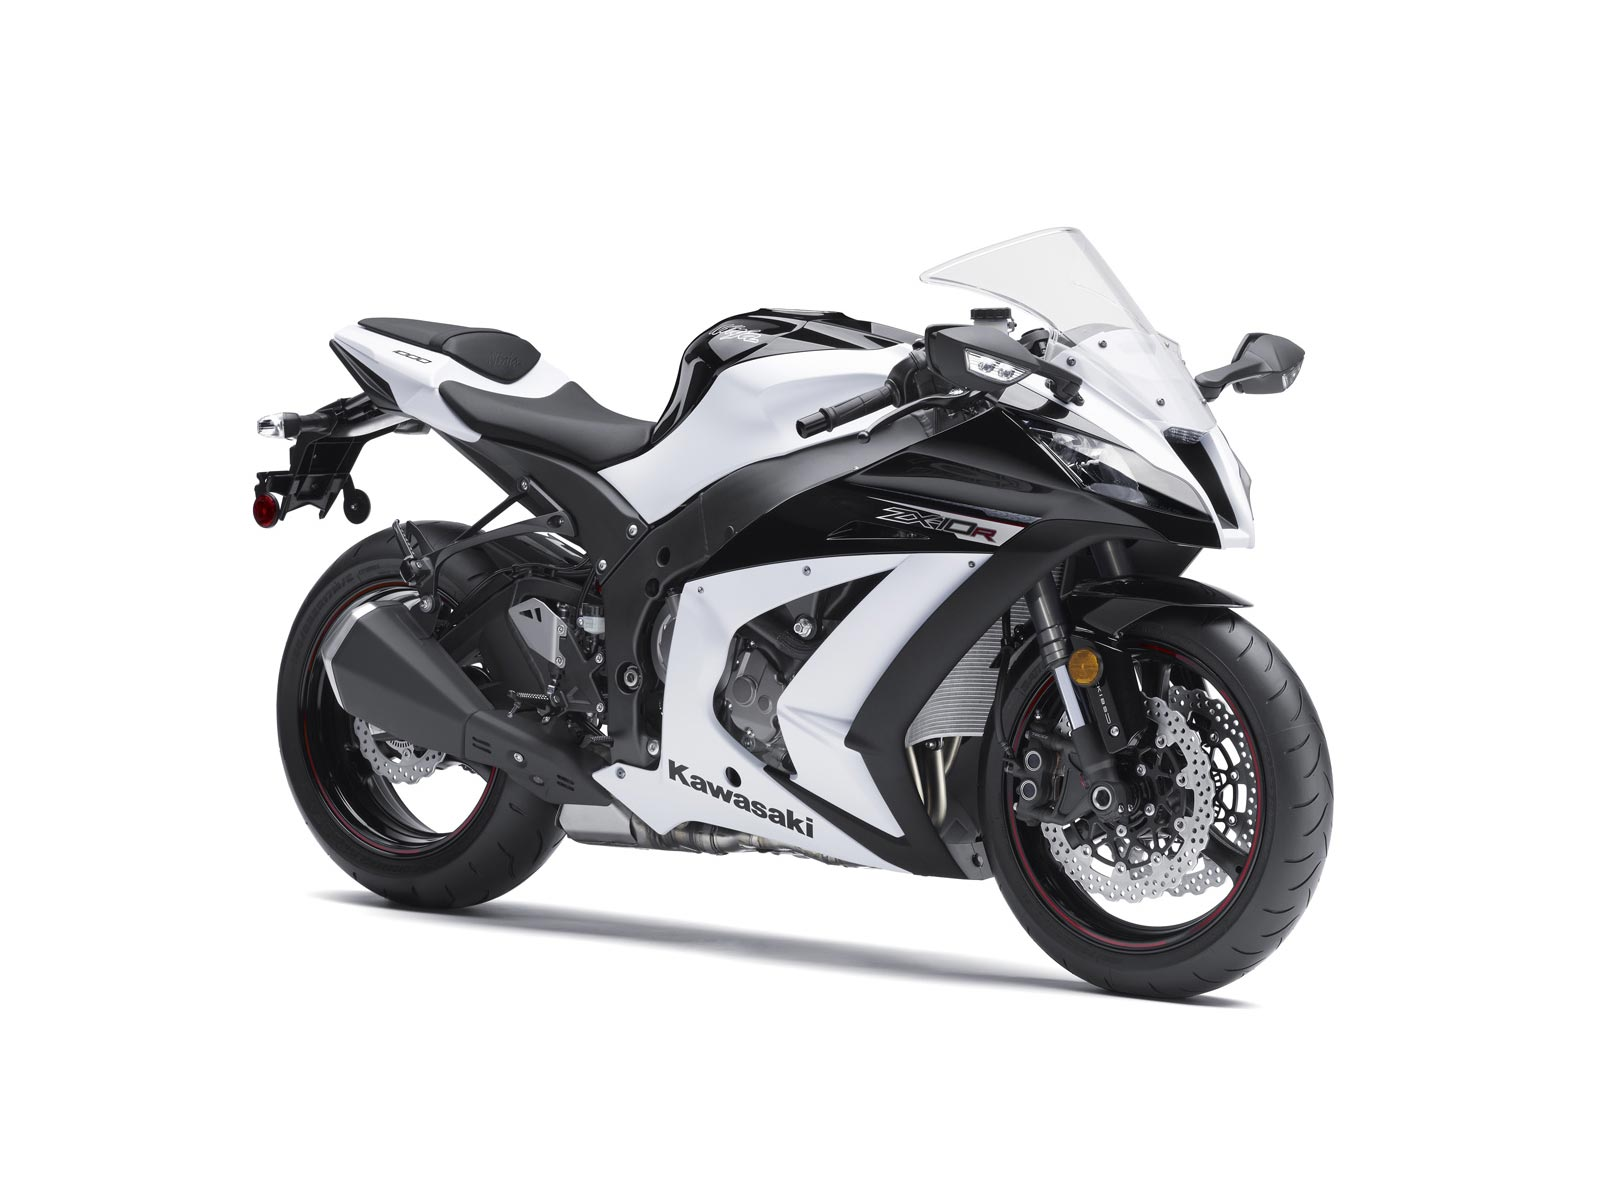 2013 Kawasaki Ninja ZX 10R Gets Adaptive Electronic Steering Damper